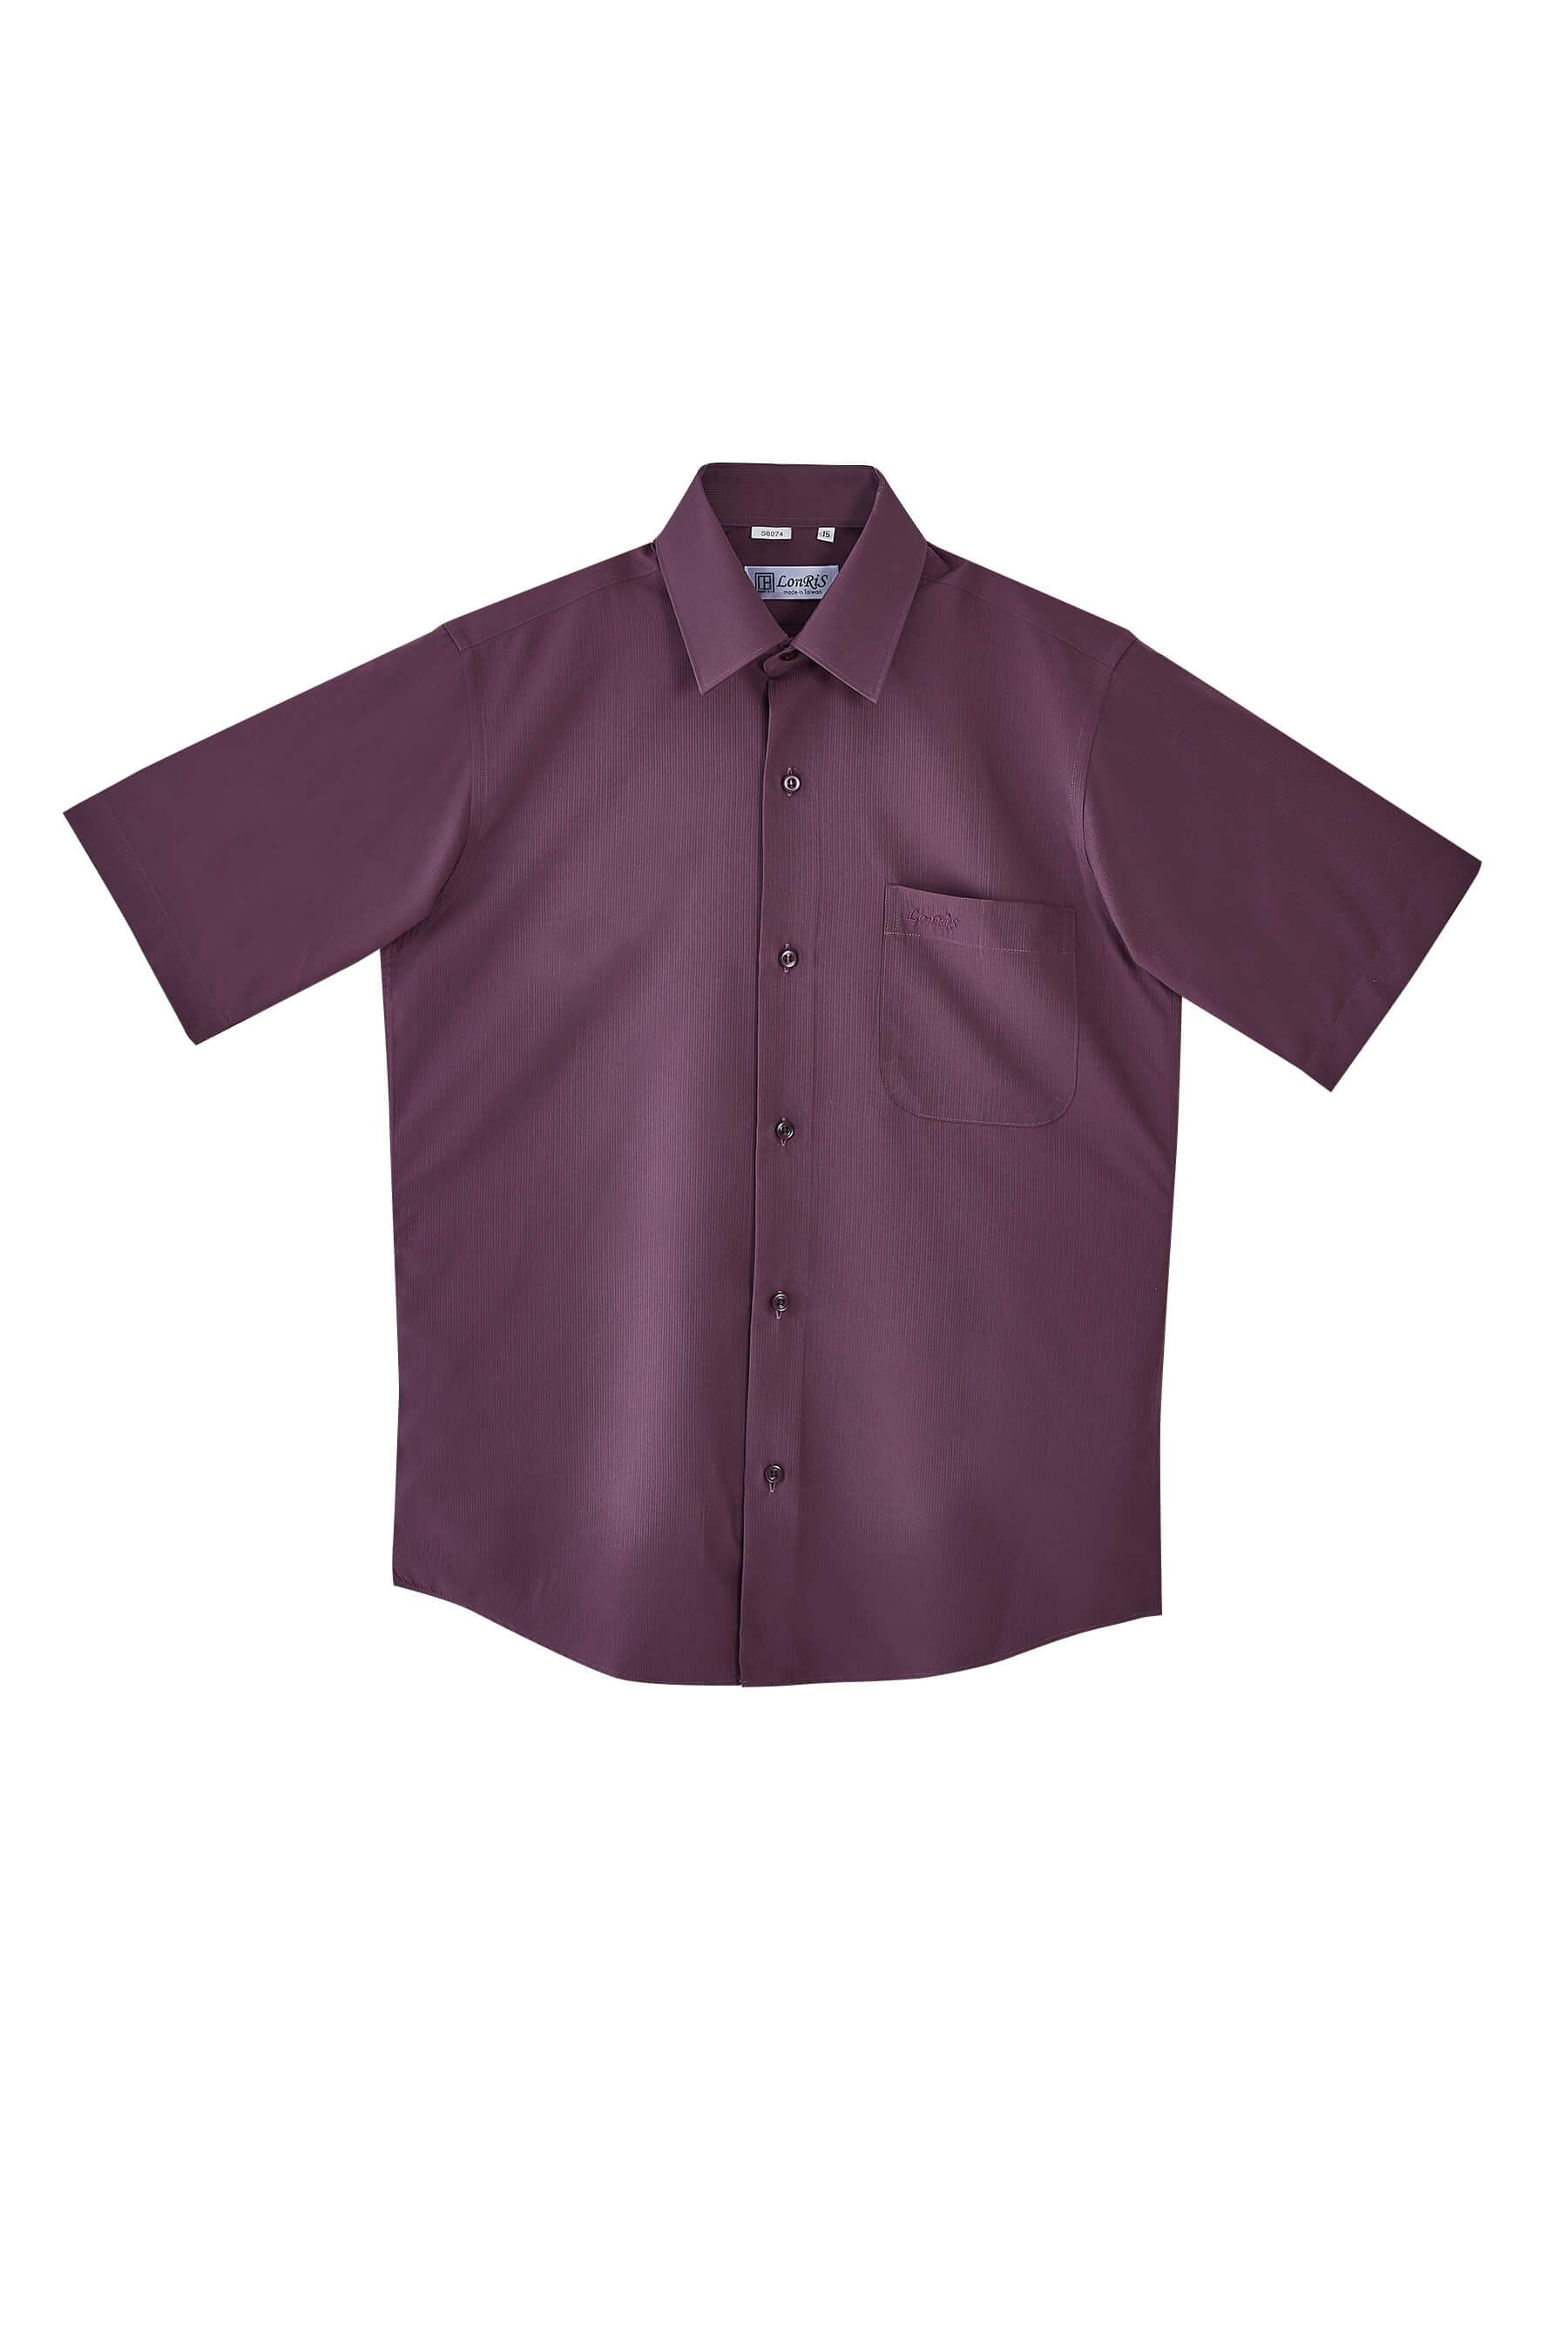 暗紫色緹花短袖襯衫/抗皺 吸濕排汗